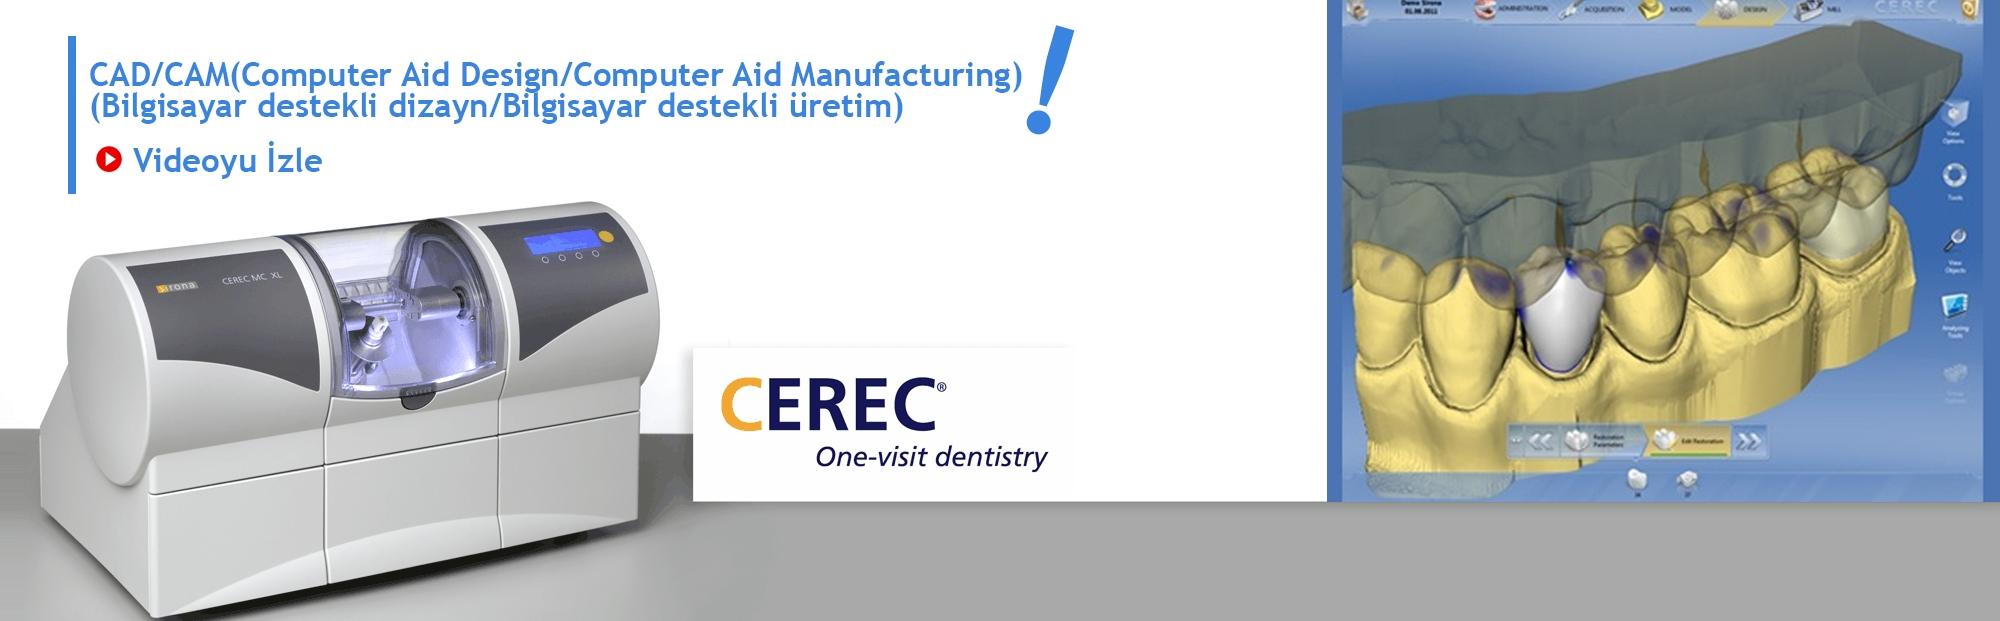 Cad/Cam Sistemi ile Dijital Diş Hekimliği